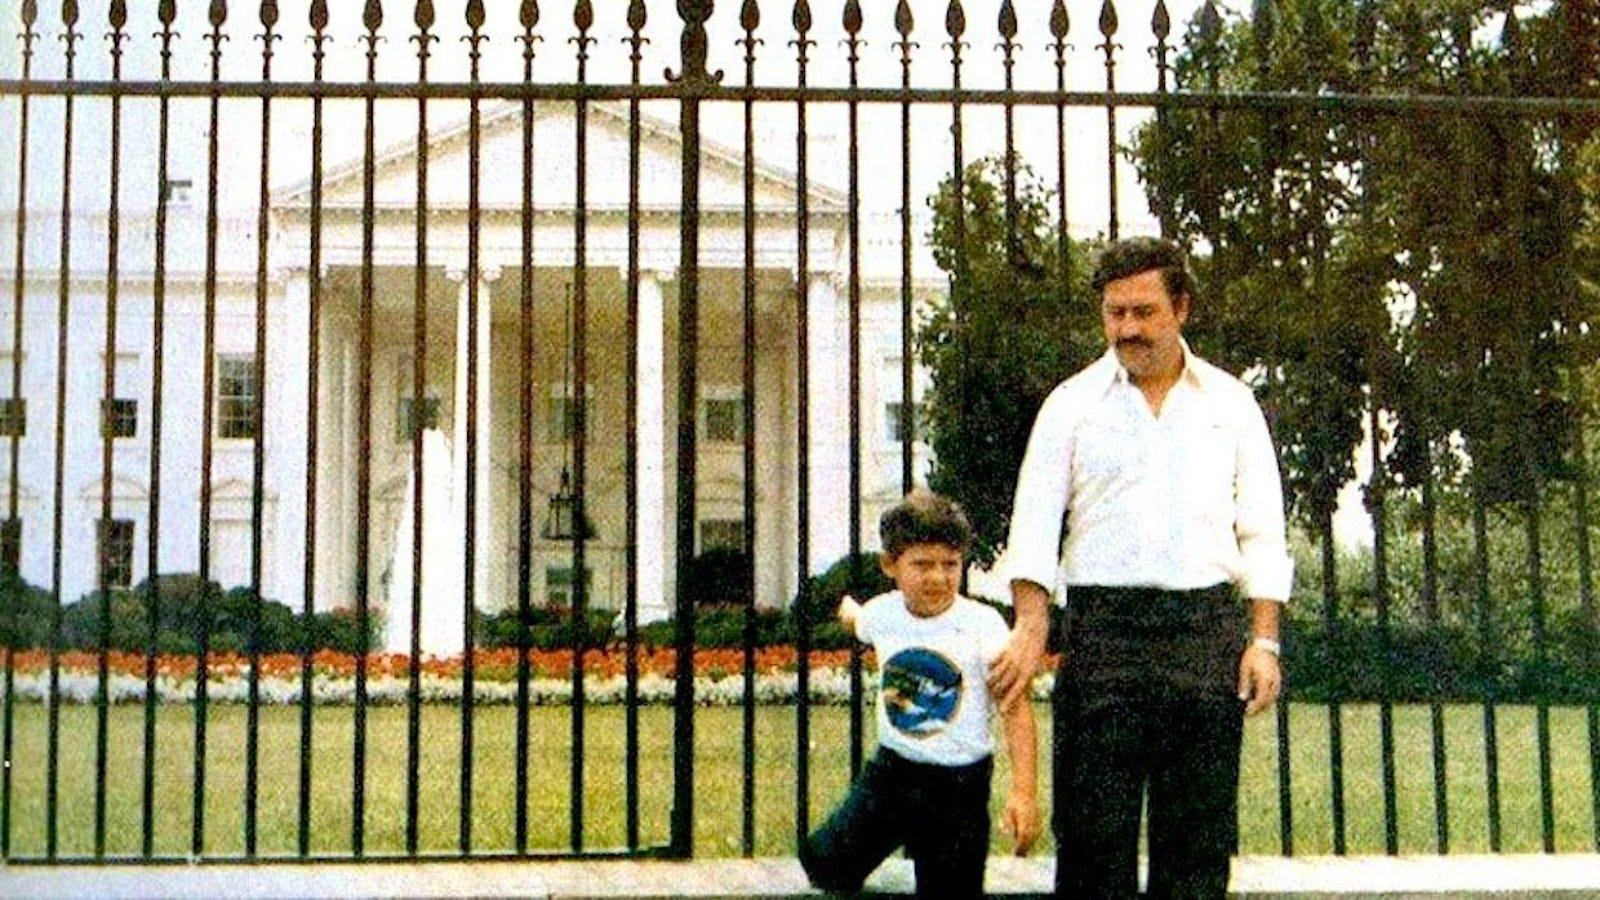 Cómo es posible que Pablo Escobar se hiciera una foto delante de la Casa Blanca cuando ya era perseguido por la DEA